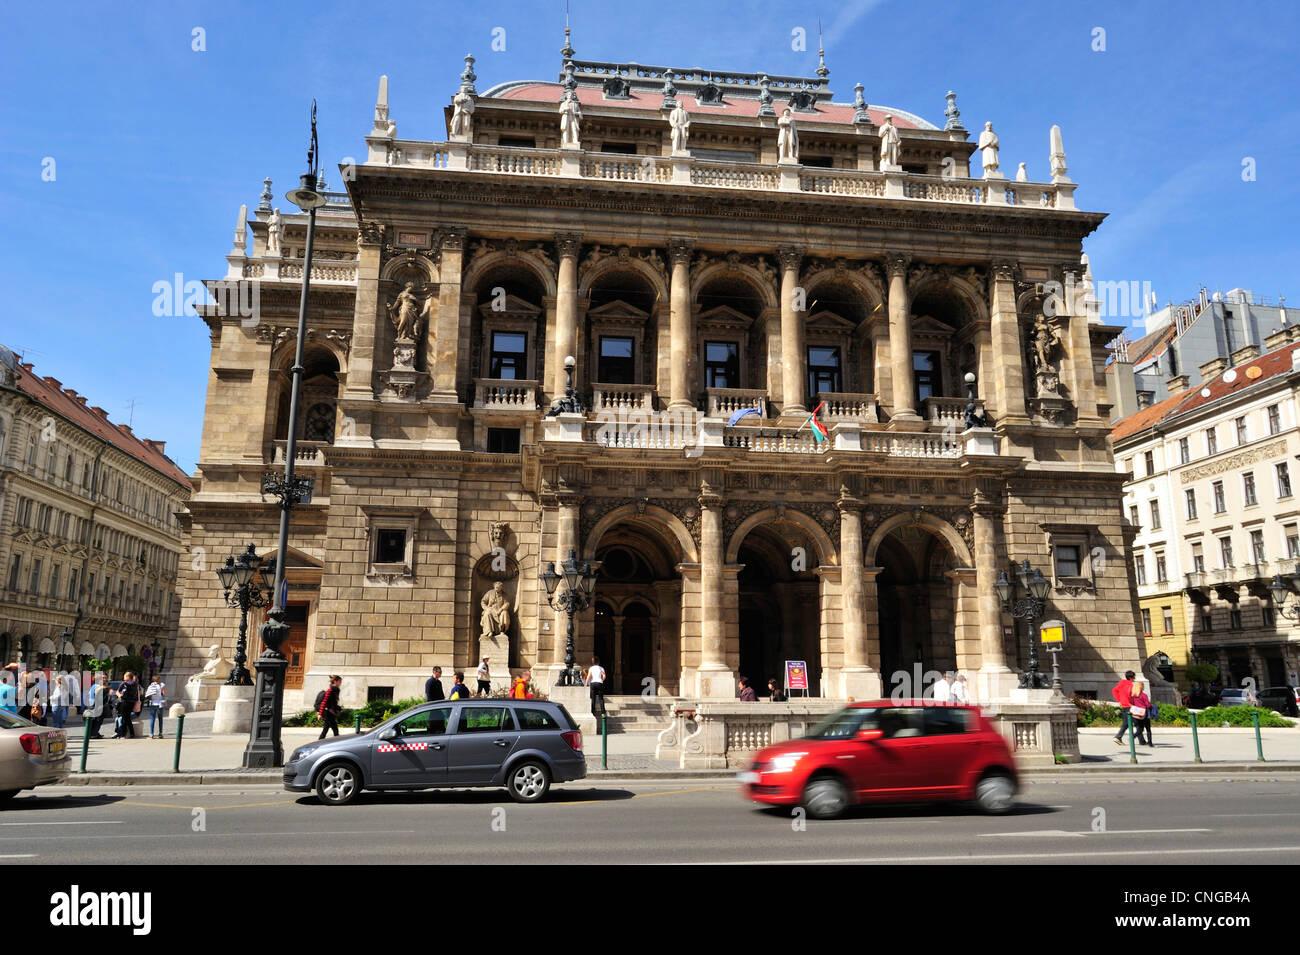 Hungarian State Opera, Budapest, Hungary - Stock Image